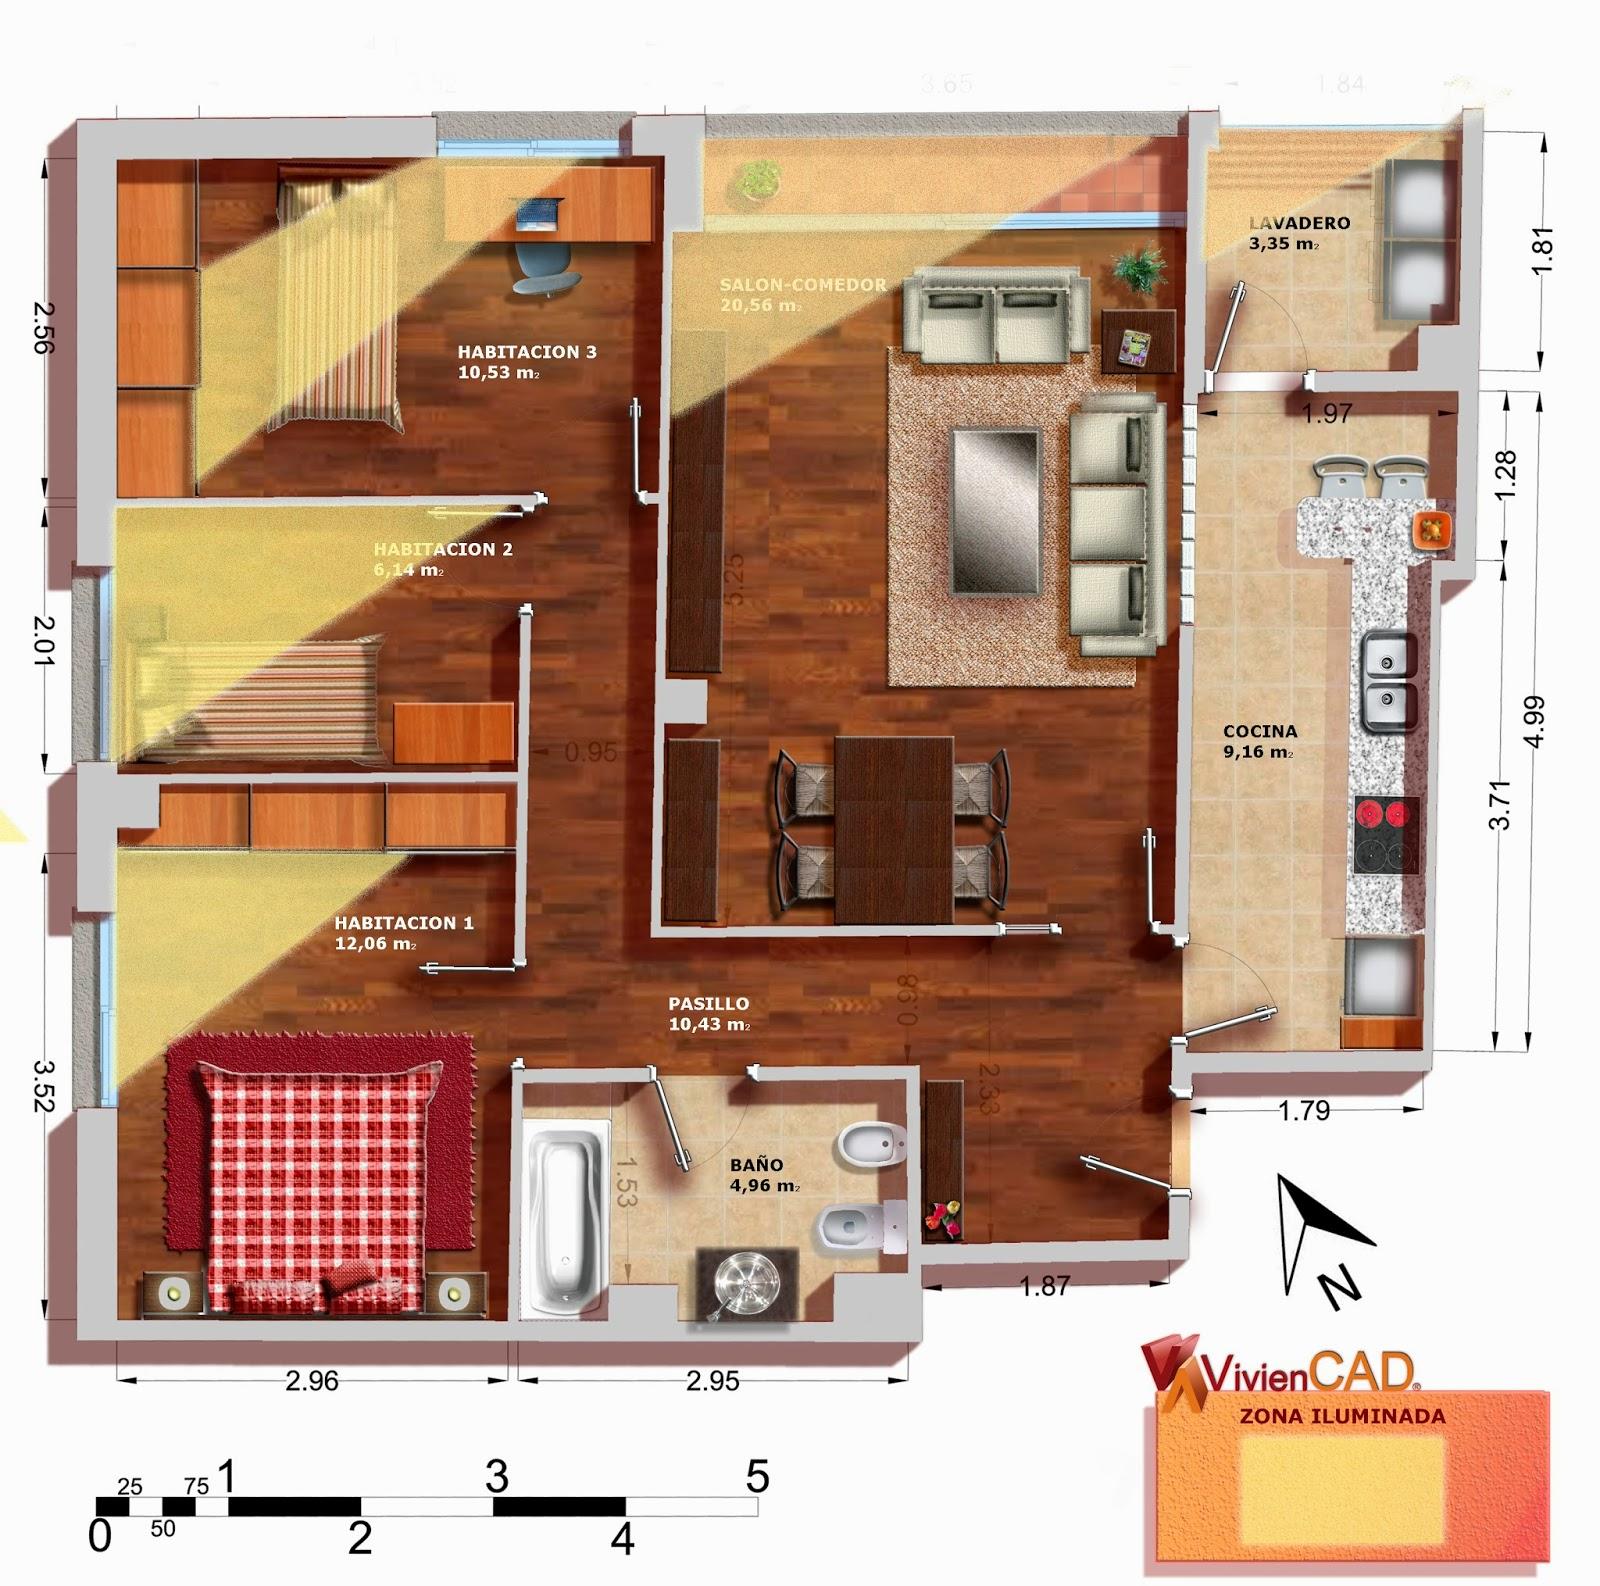 Iluminacion Natural Baños:El sistema más sencillo y económico de ventilación de la viviendas